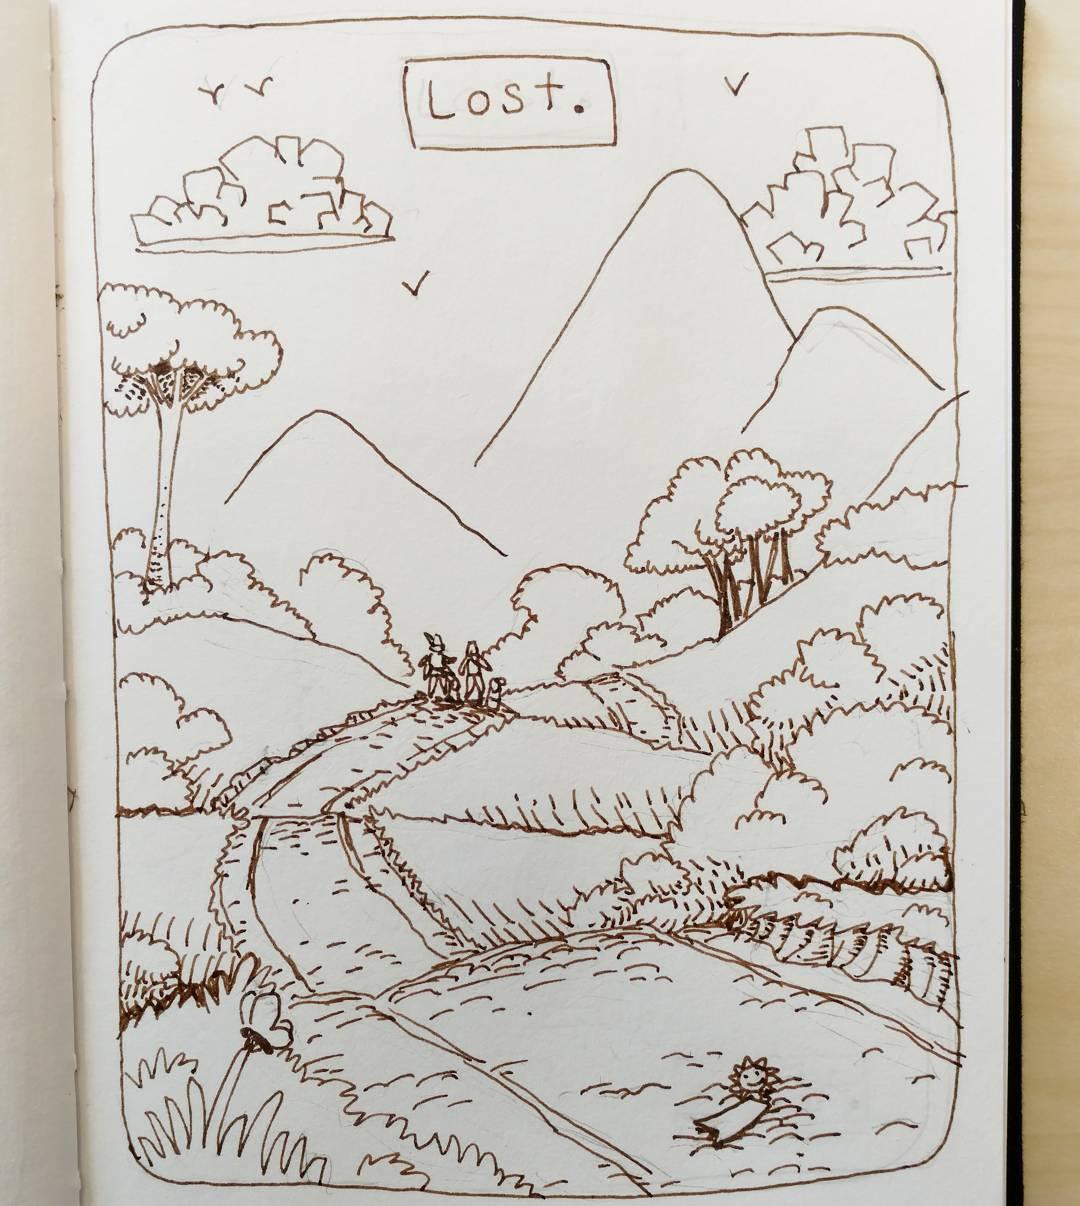 """redjarojam """"Lost"""", Inktober 07 - by Jared DeCosta (redjarojam) www.instagram.com/redjarojam (2016-10) © dell'autore tutti i diritti riservati"""